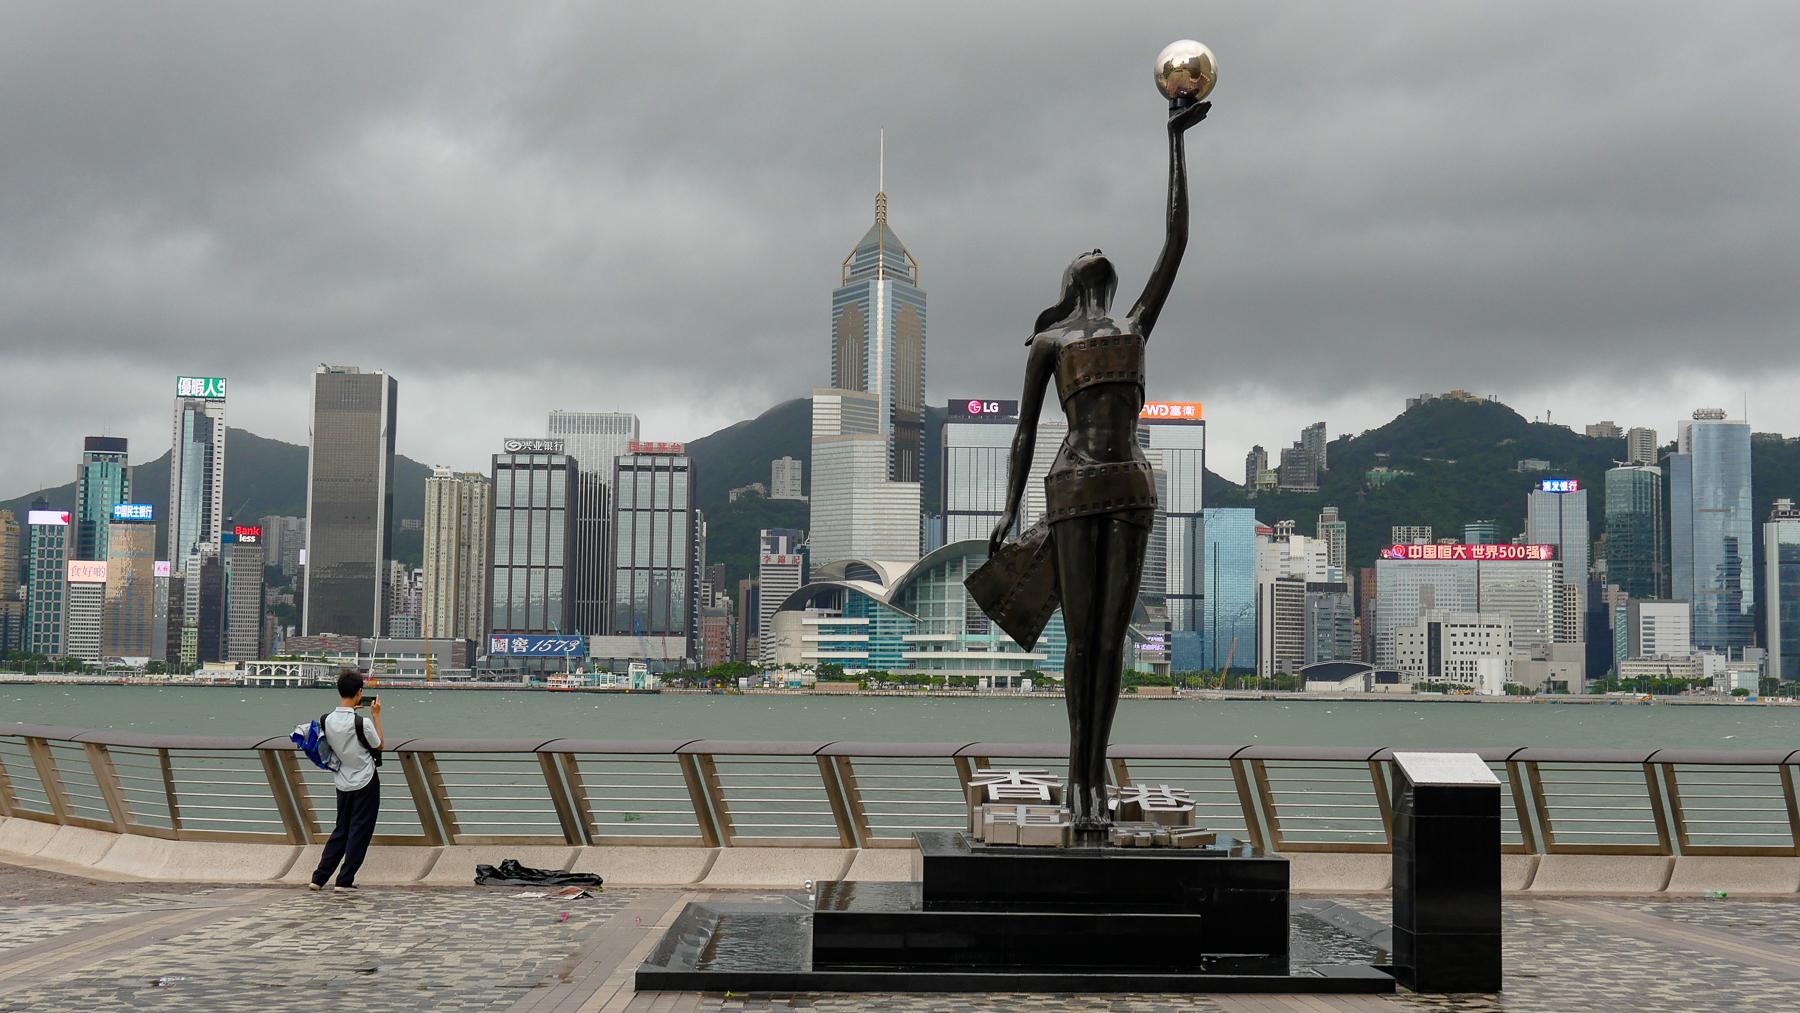 07-hongkong-24.jpg